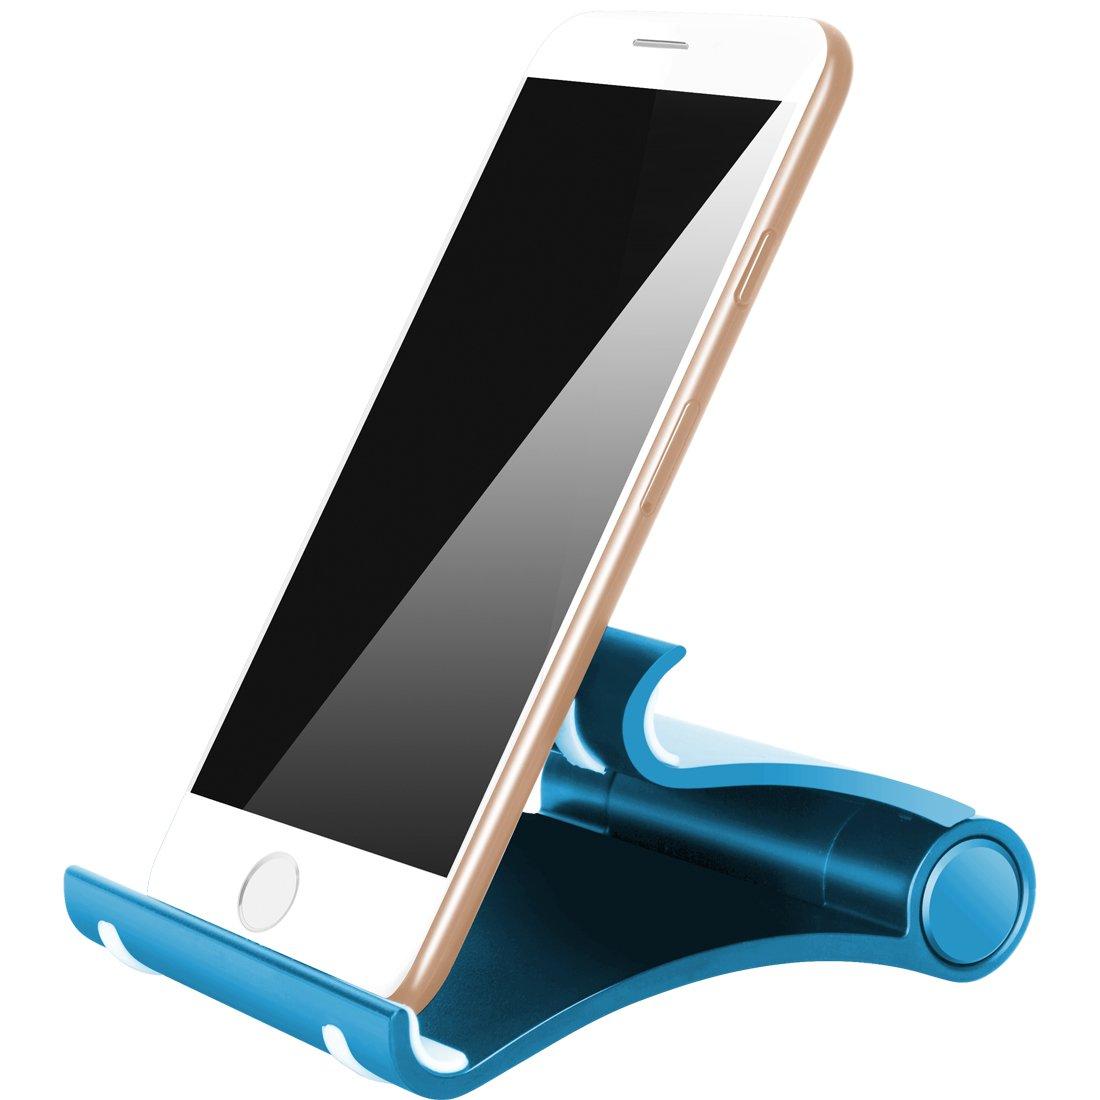 セル電話スタンド、iPadスタンド:マルチアングル耐久性滑り止め折りたたみ式、プラスチックポータブル携帯電話スタンドホルダー、タブレットPC、電子ブックリーダー、と互換性大きいサイズスマートフォン ブルー CML01702 B01N5LP2IG ブルー ブルー